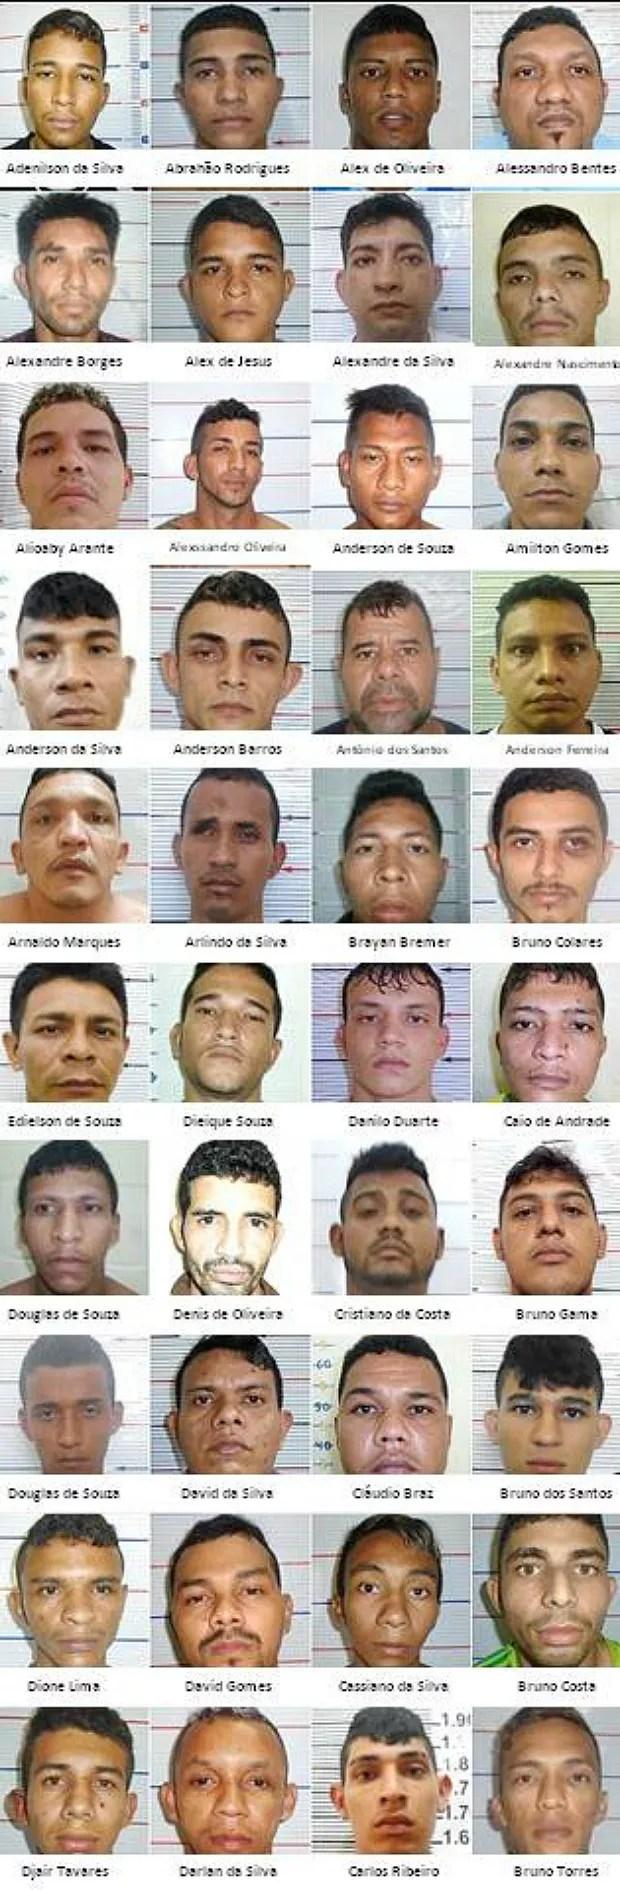 Lista 1-40 de foragidos de presídios do Amazonas (Foto: Reprodução / Divulgação)